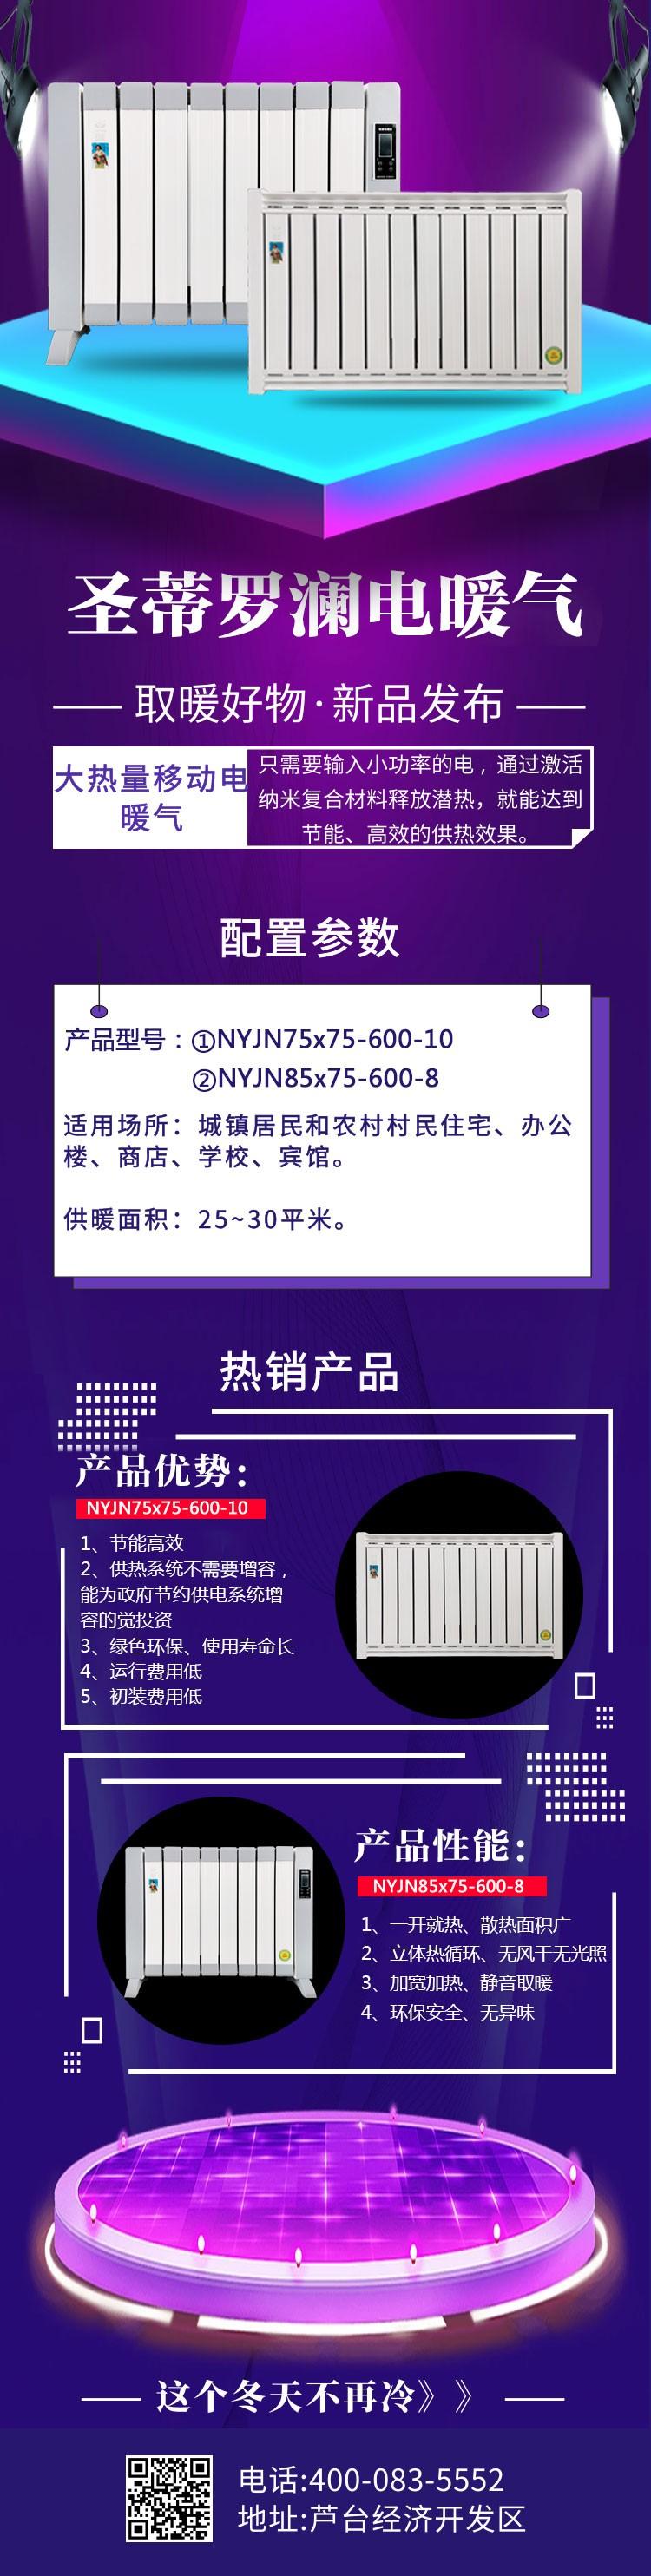 新一代节能电暖气01.jpg